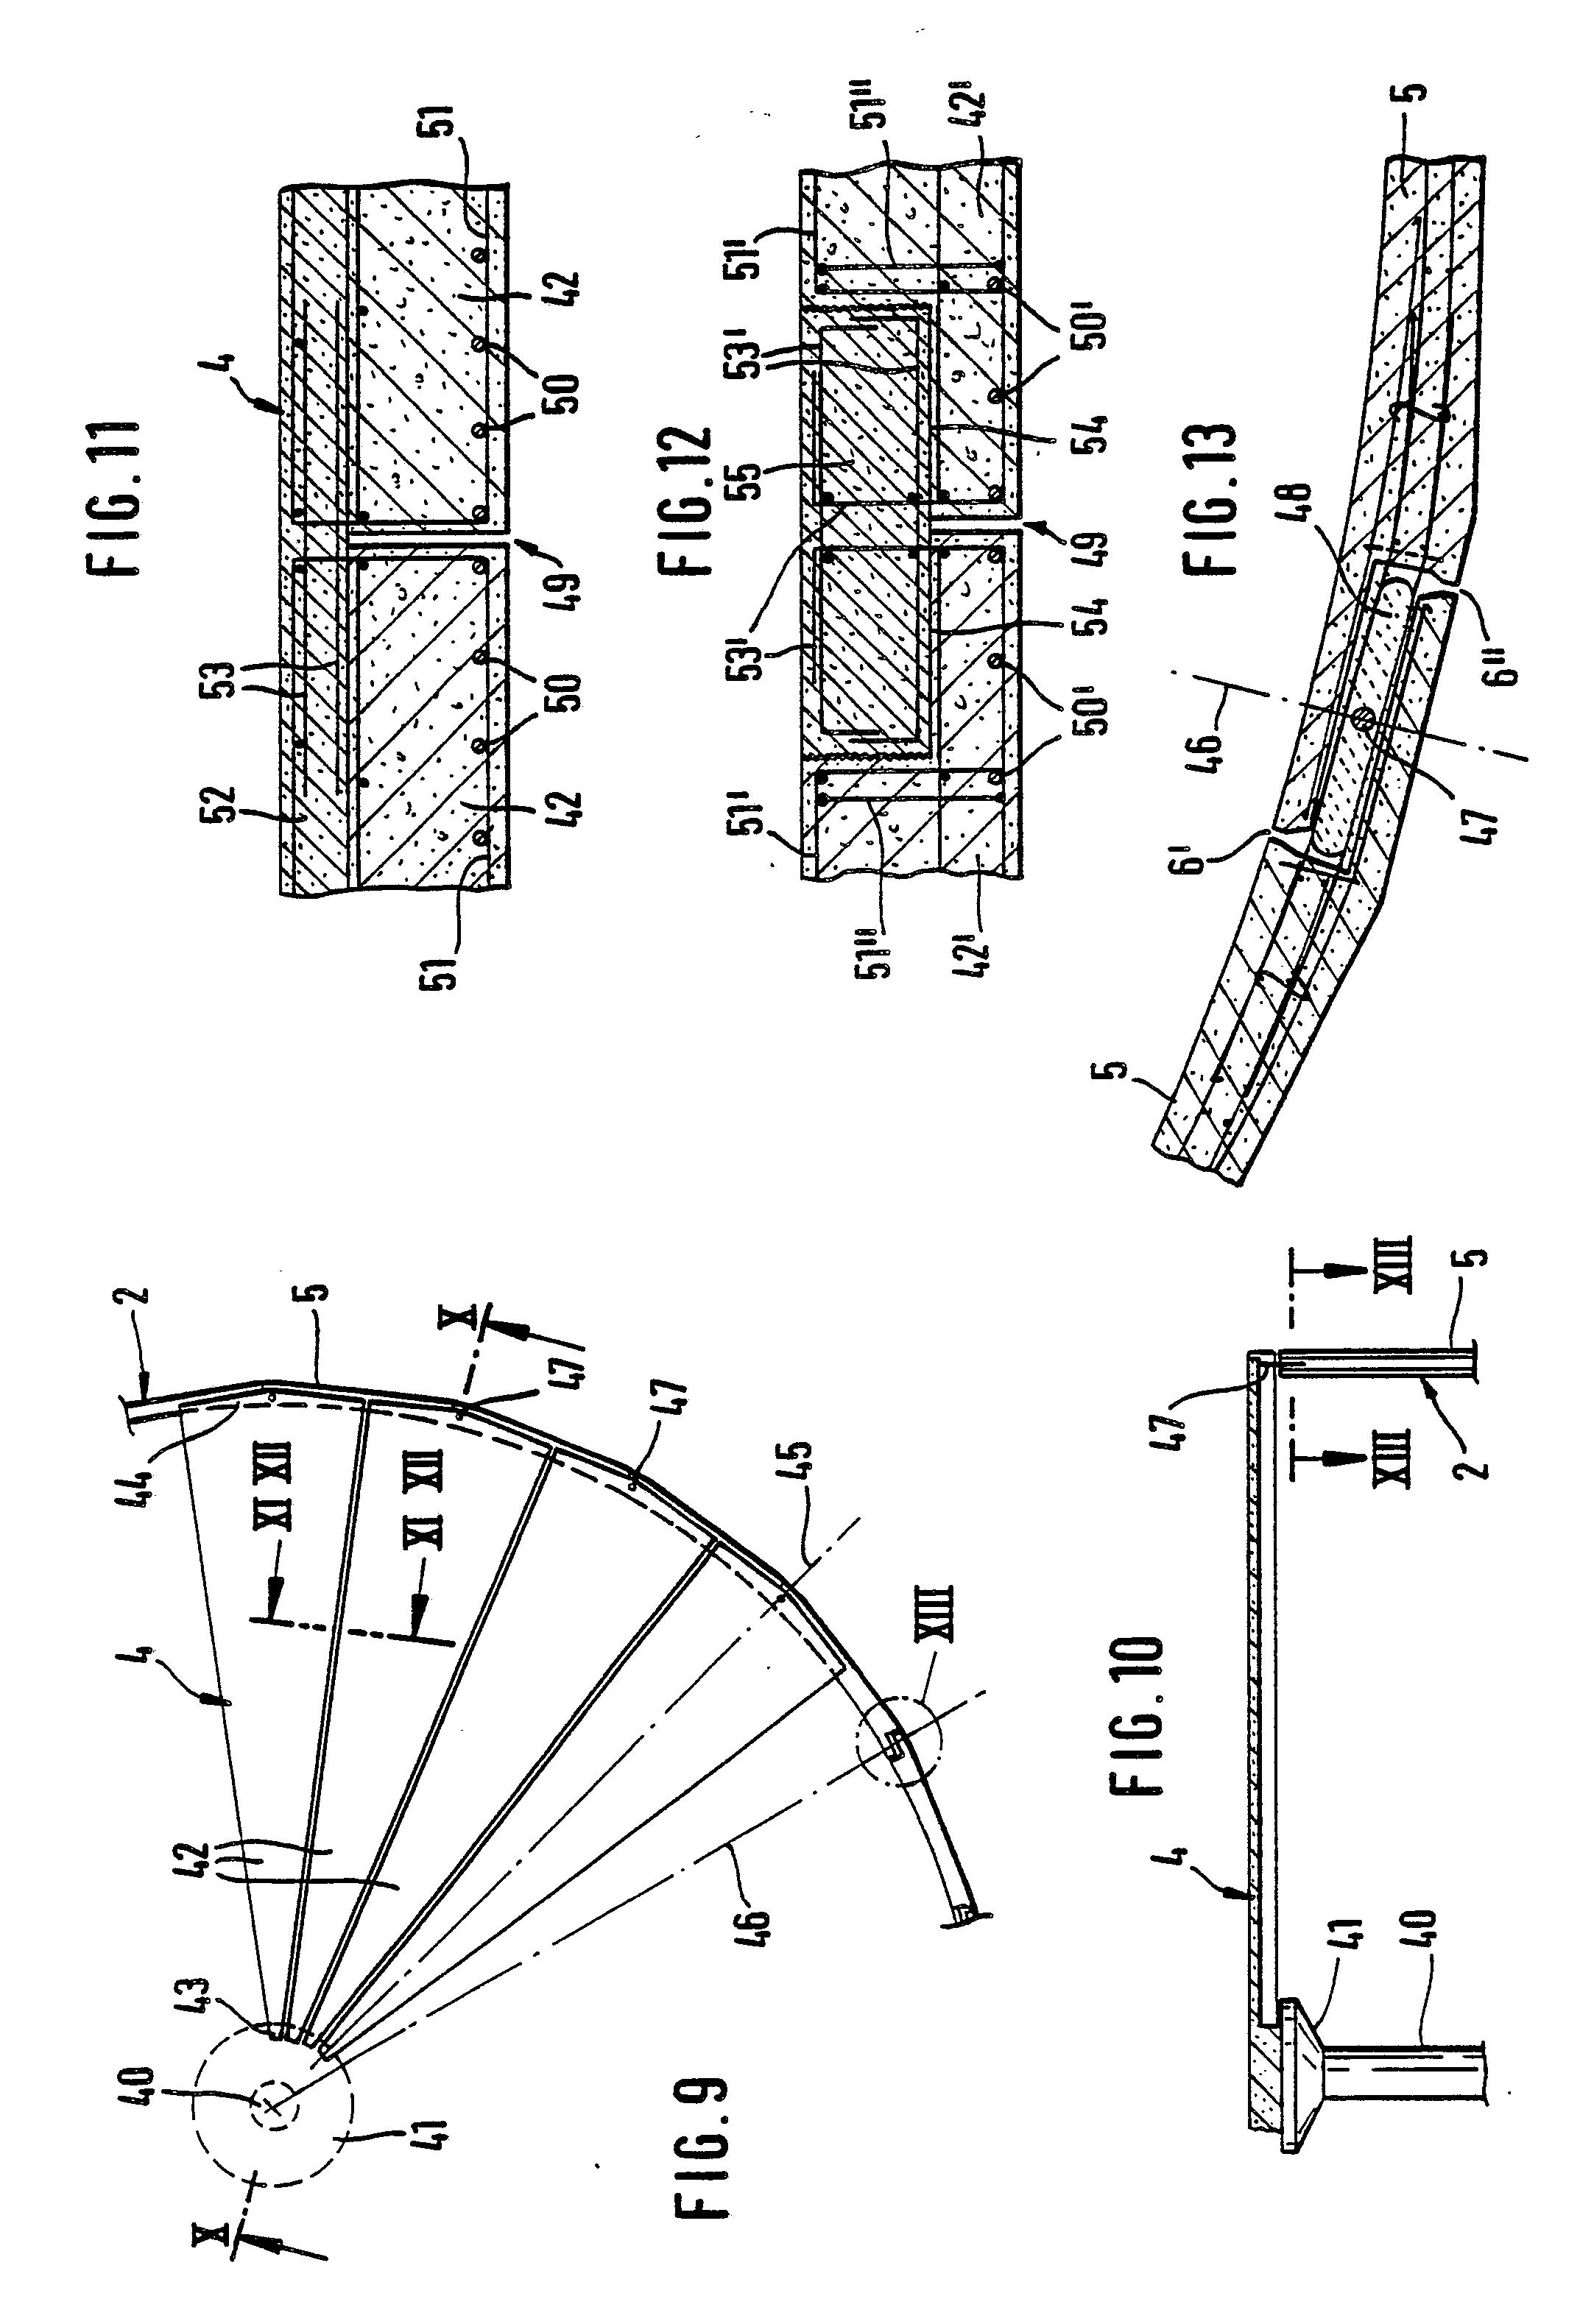 patent ep0326892a1 stehender zylindrischer beh lter aus stahlbeton insbesondere zur lagerung. Black Bedroom Furniture Sets. Home Design Ideas